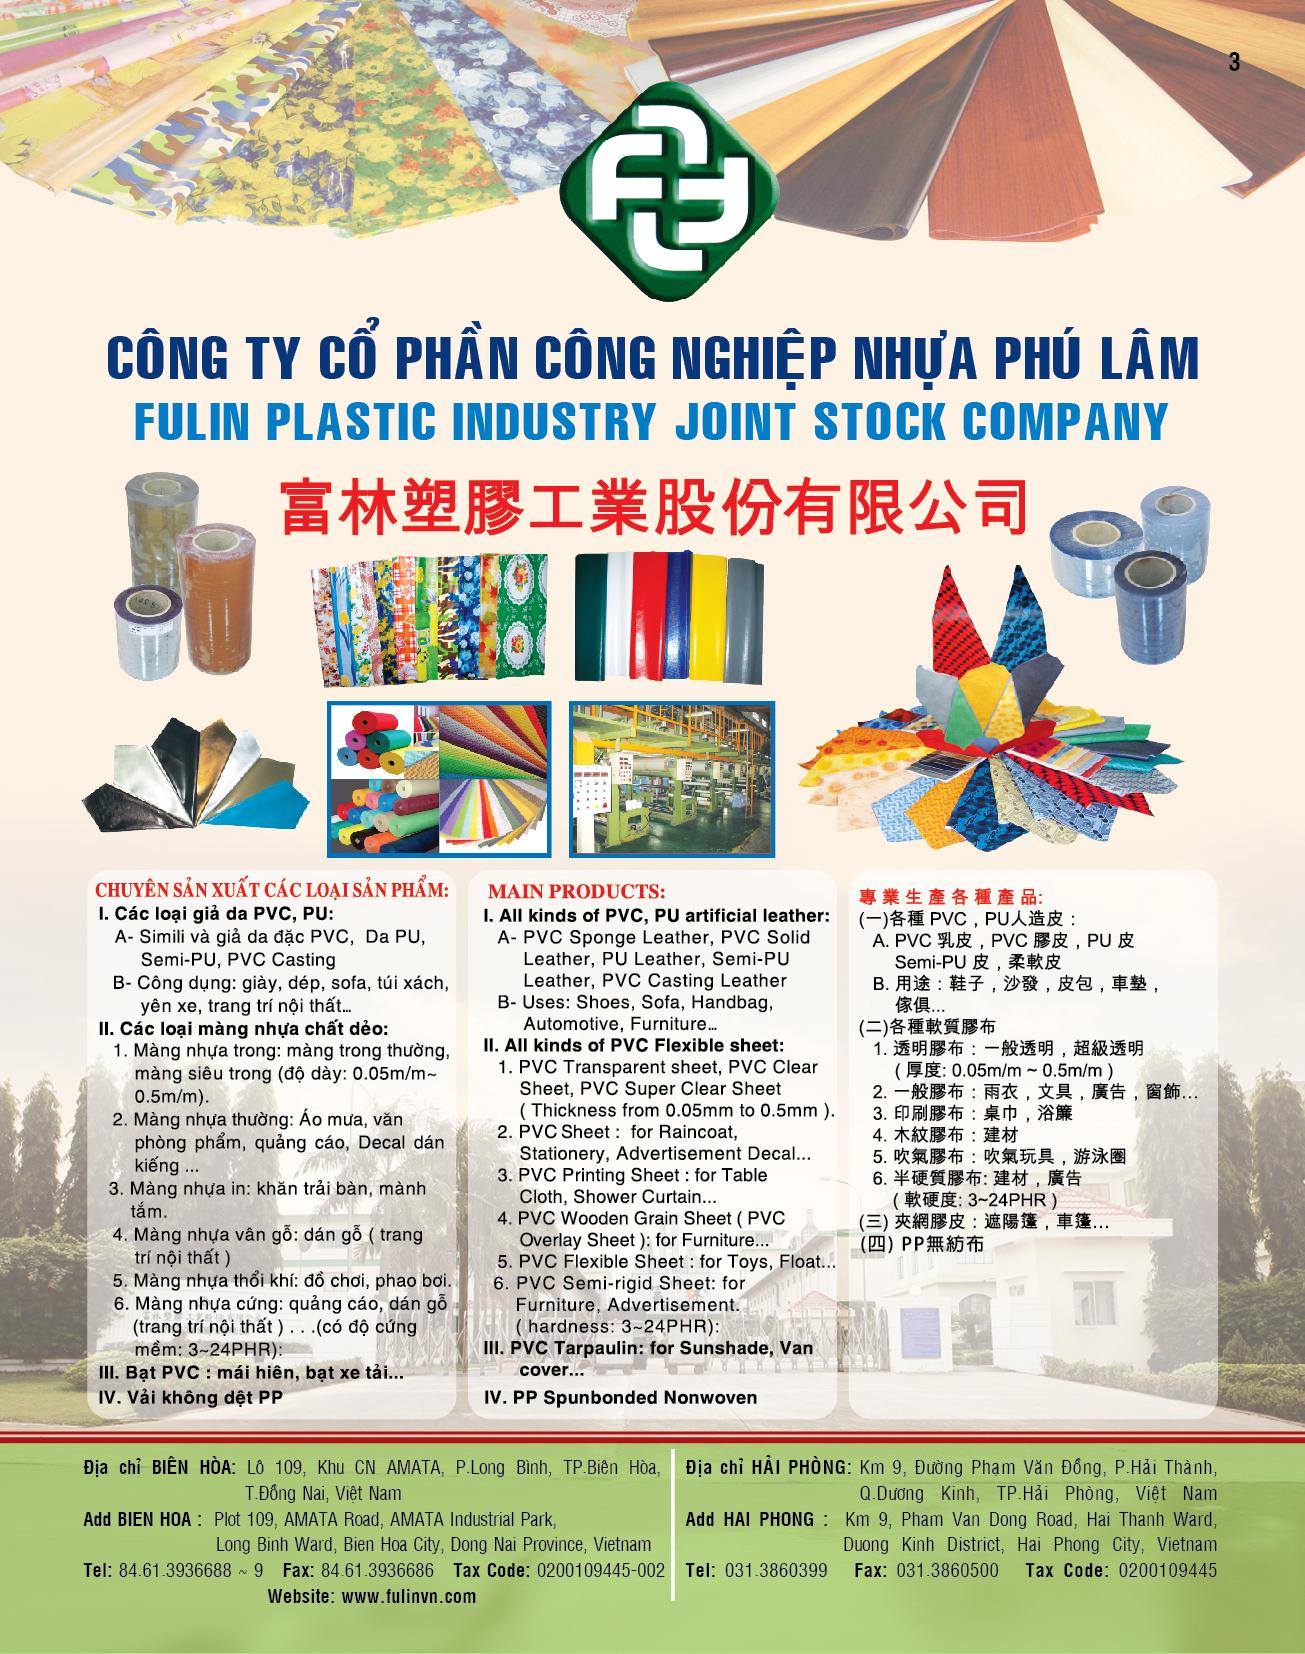 NHỰA - BAO BÌ PHÚ LÂM; màng nhựa trong, màng nhựa in, màng nhựa thổi khí; nhựa giả da PVC, PU